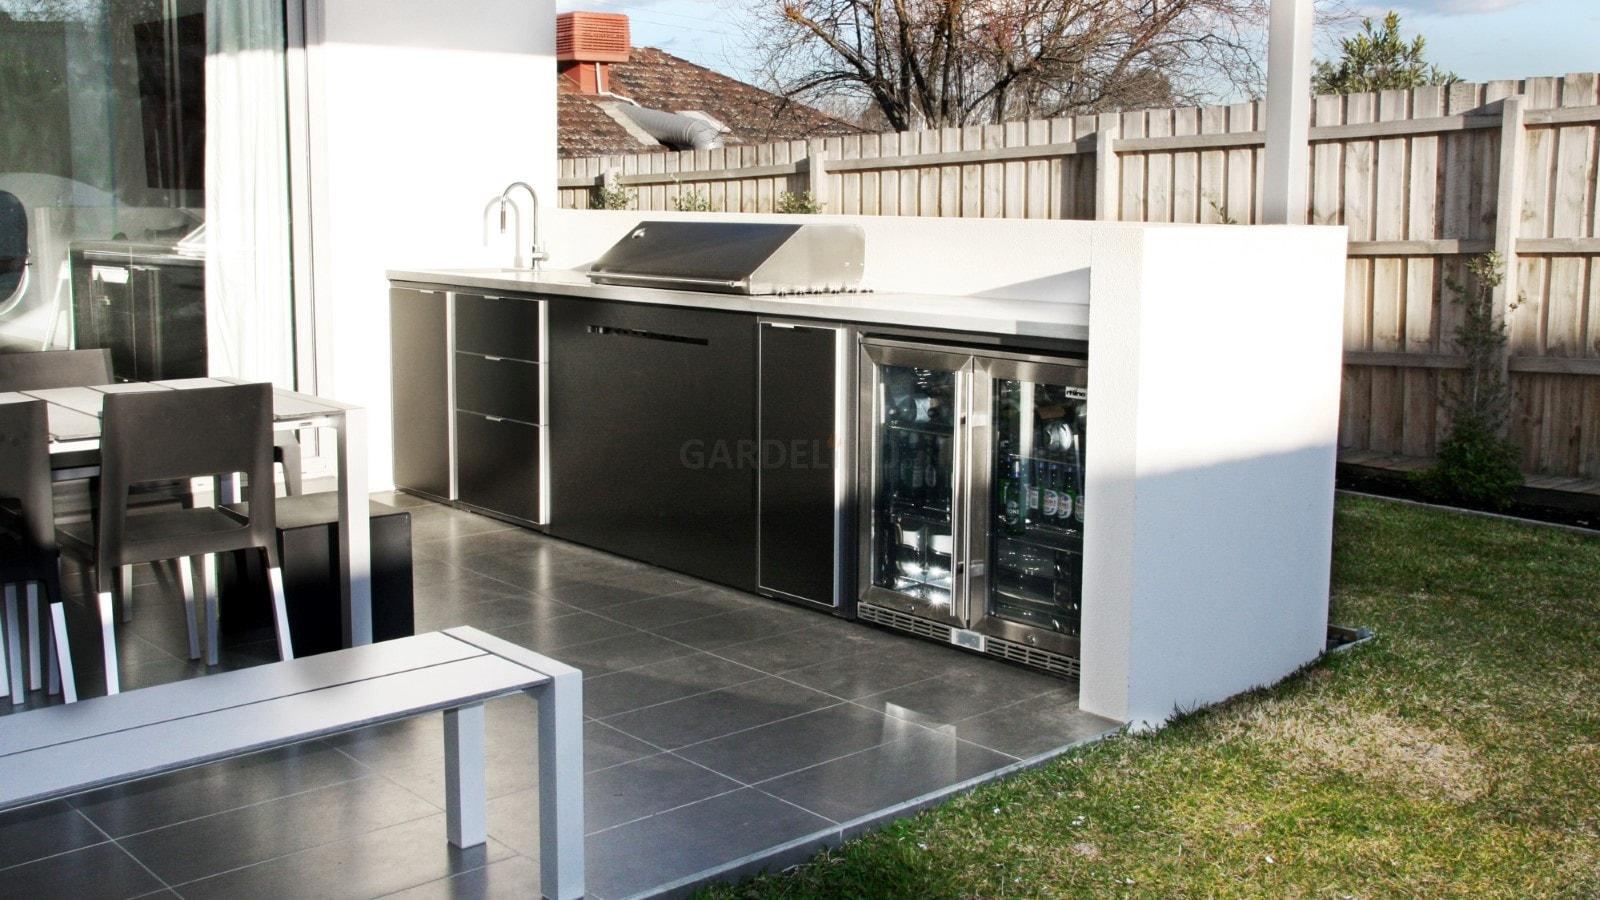 Outdoorküche Mit Spüle Zubehör : Moderne outdoor küche von fresco frames